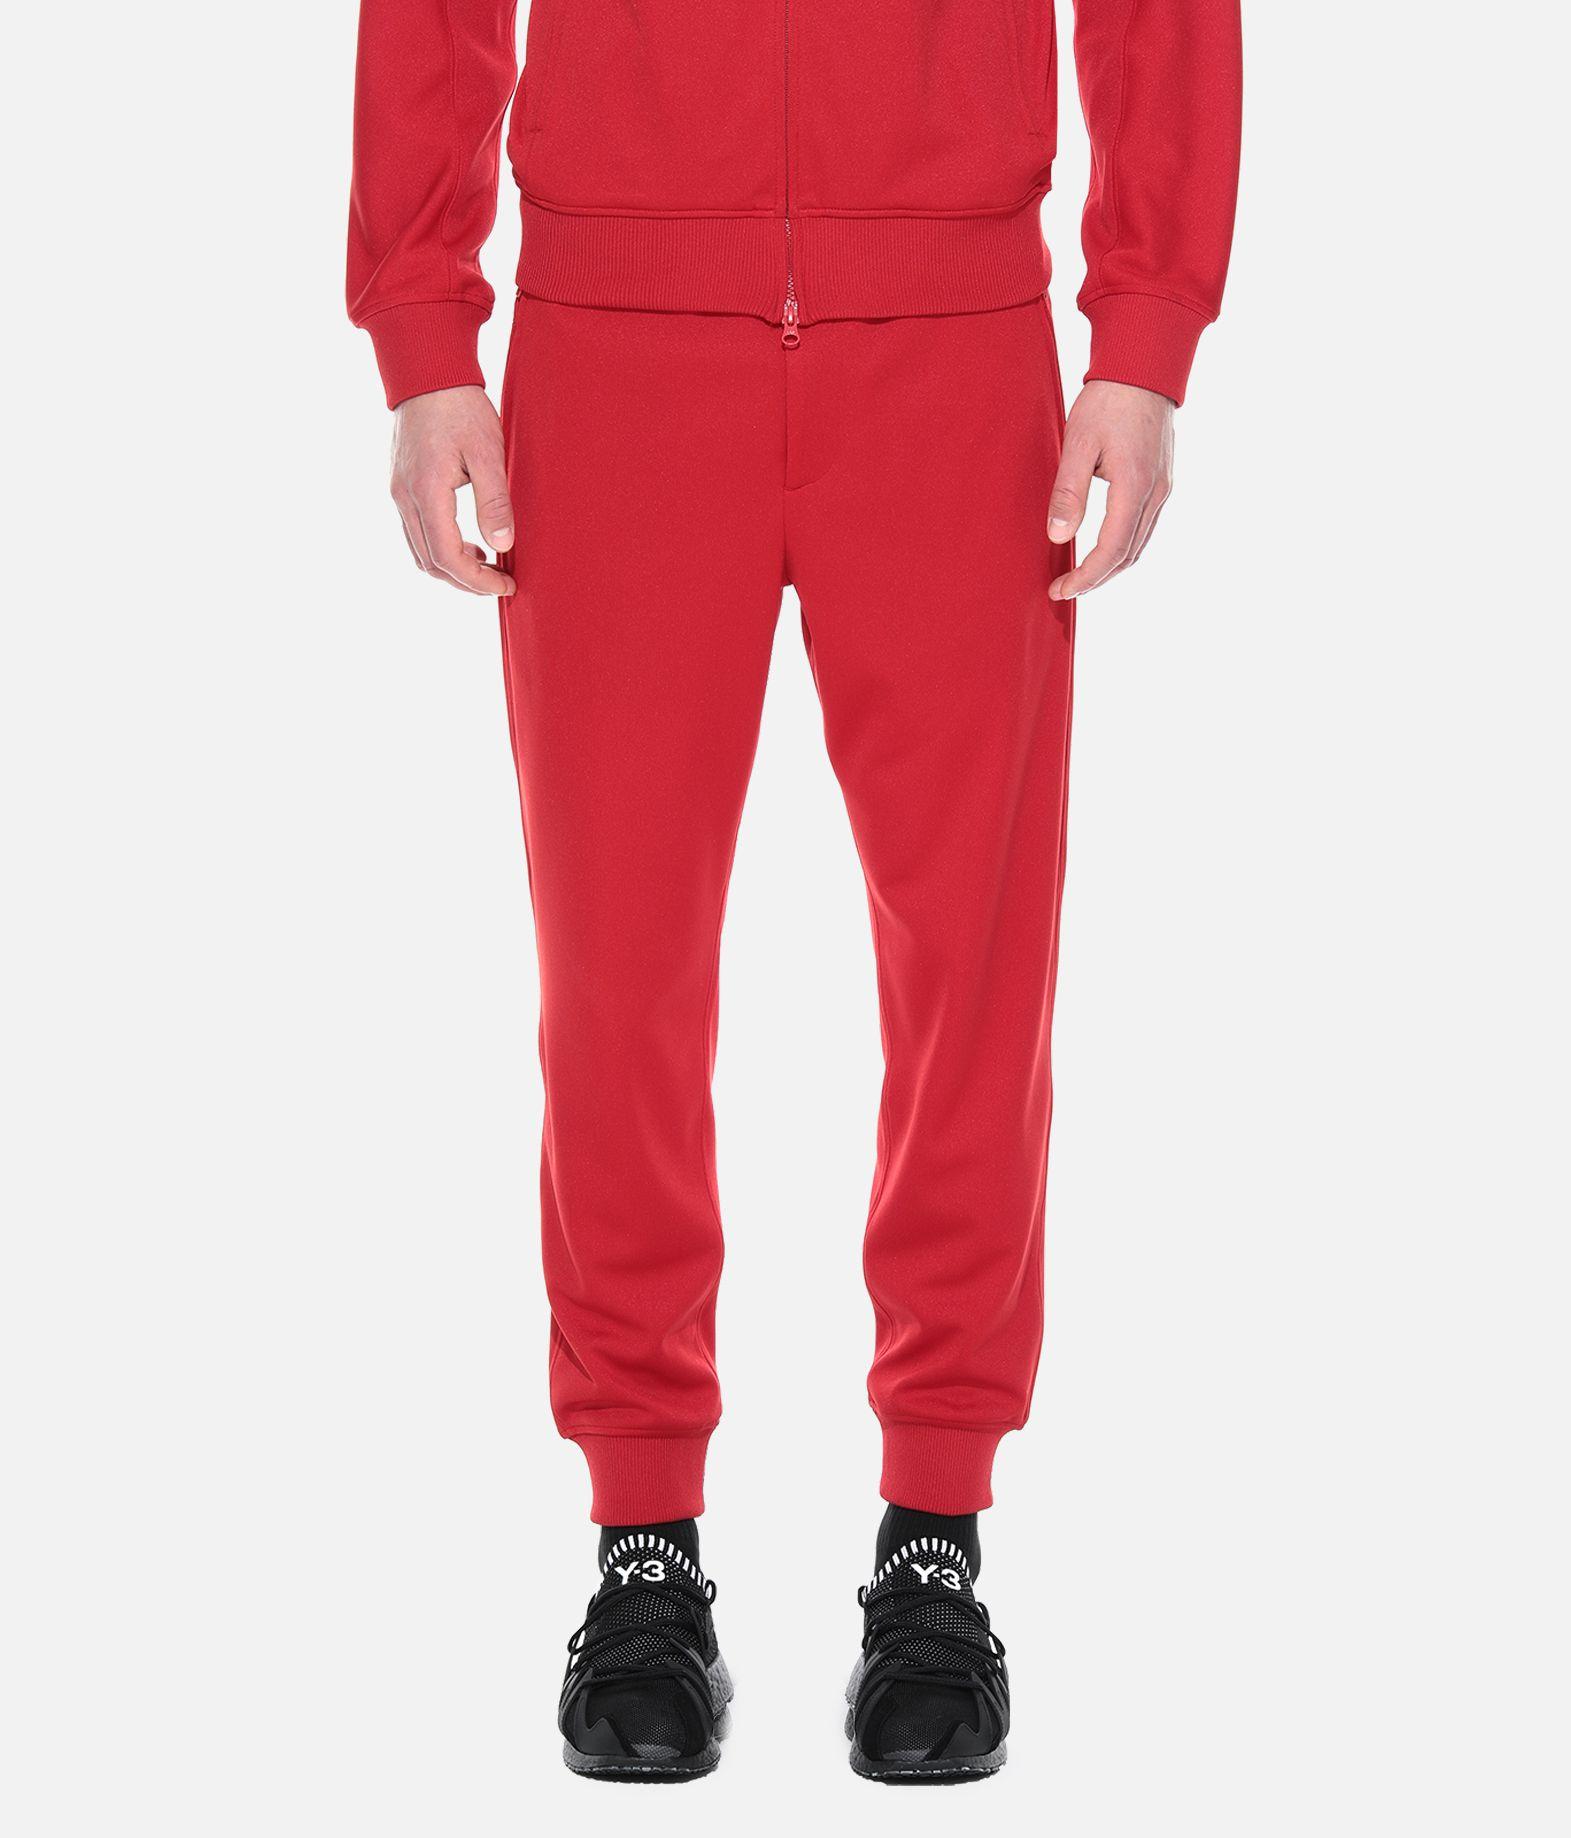 Y-3 Y-3 Classic Track Pants Тренировочные брюки Для Мужчин r